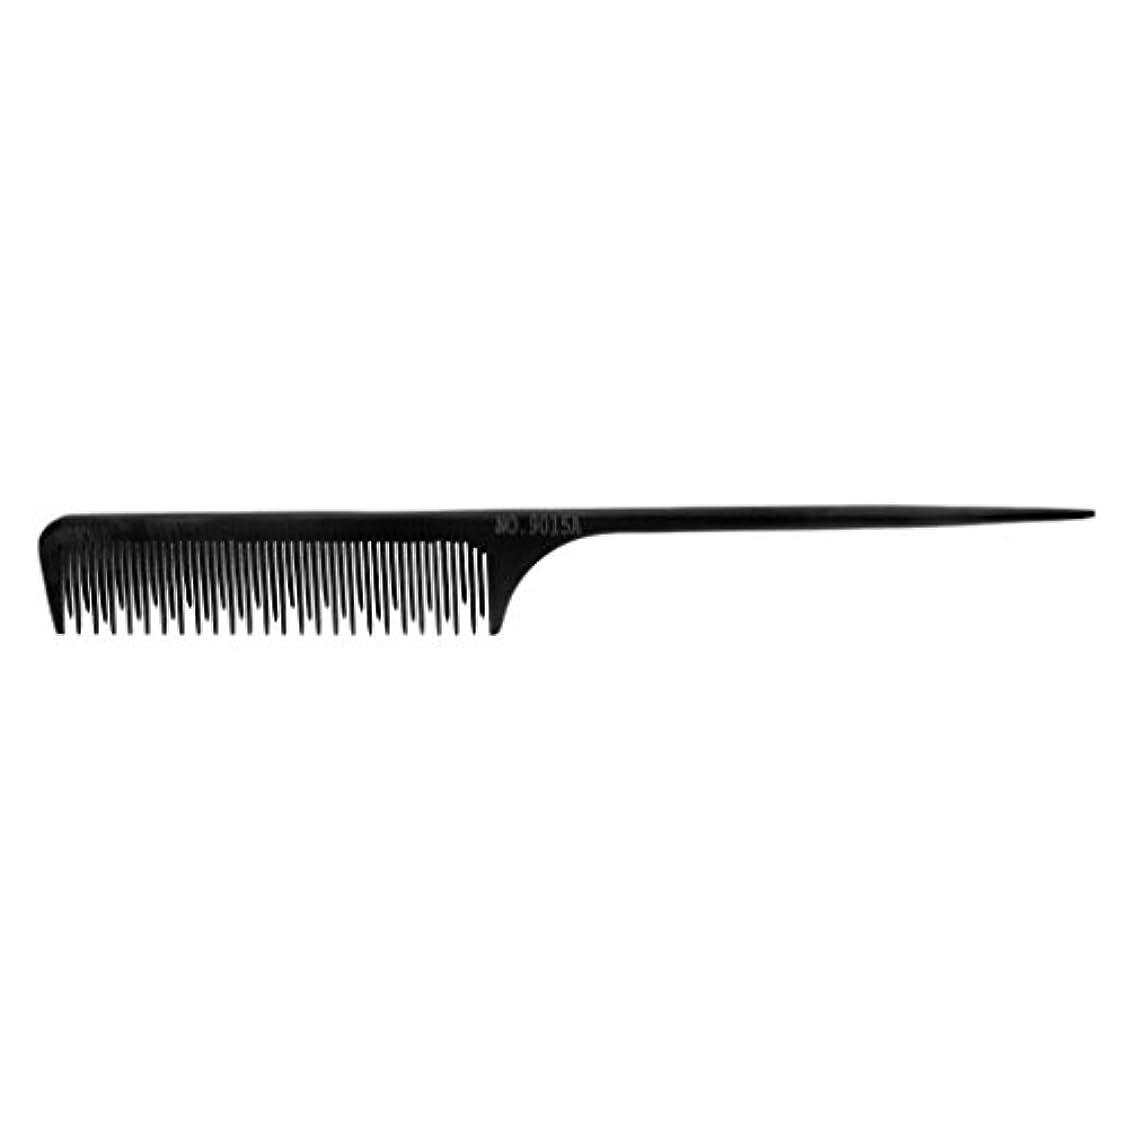 切り下げ去るさらにHomyl テールコーム 櫛 コーム サロン 理髪師 テールチップ スタイリングツール 耐久性 耐熱性